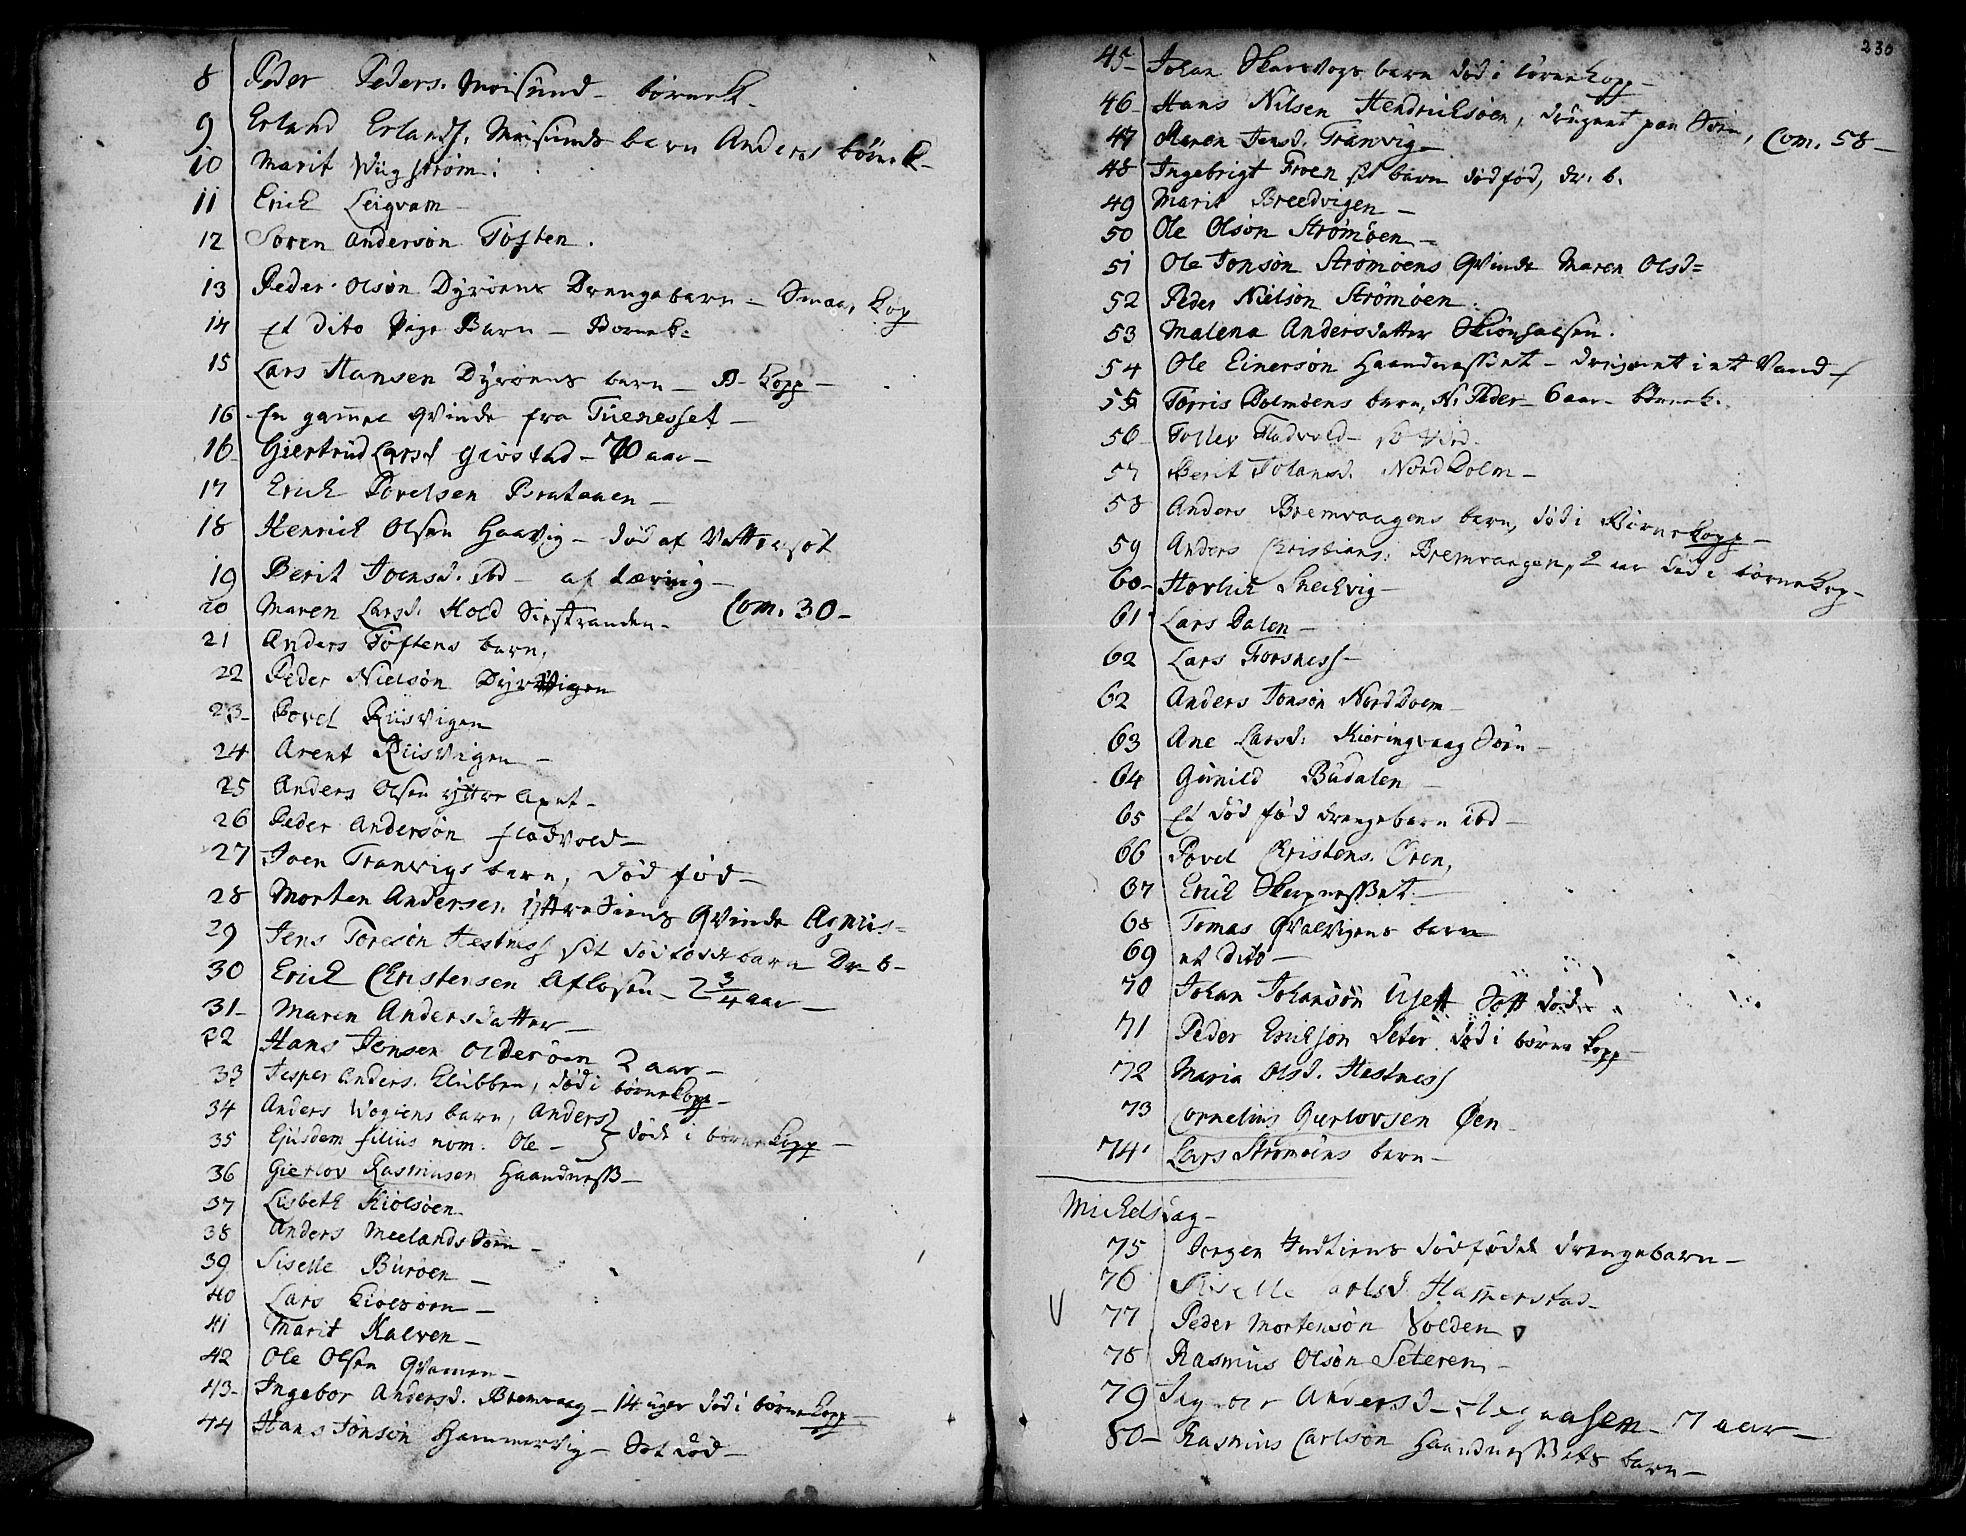 SAT, Ministerialprotokoller, klokkerbøker og fødselsregistre - Sør-Trøndelag, 634/L0525: Ministerialbok nr. 634A01, 1736-1775, s. 230